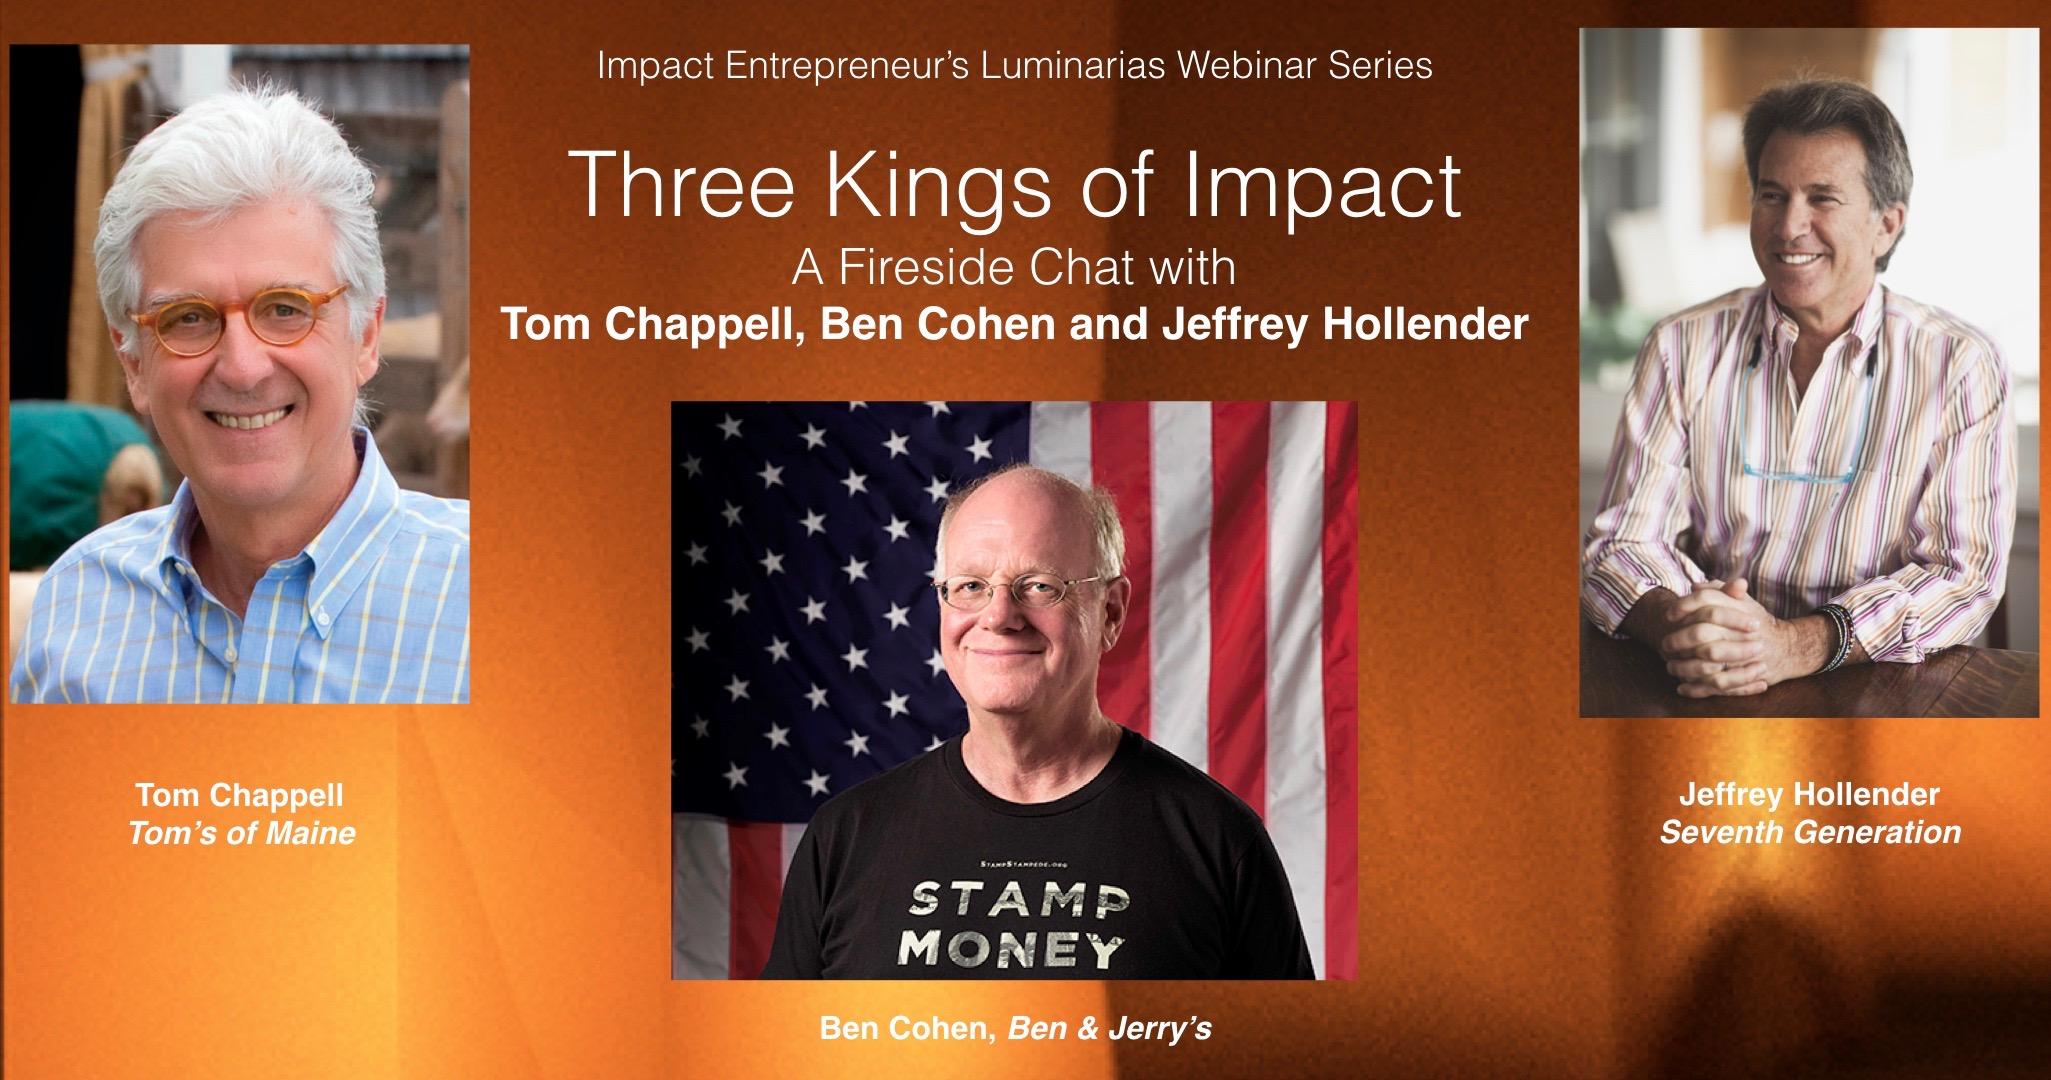 Three Kings Program Image.jpeg